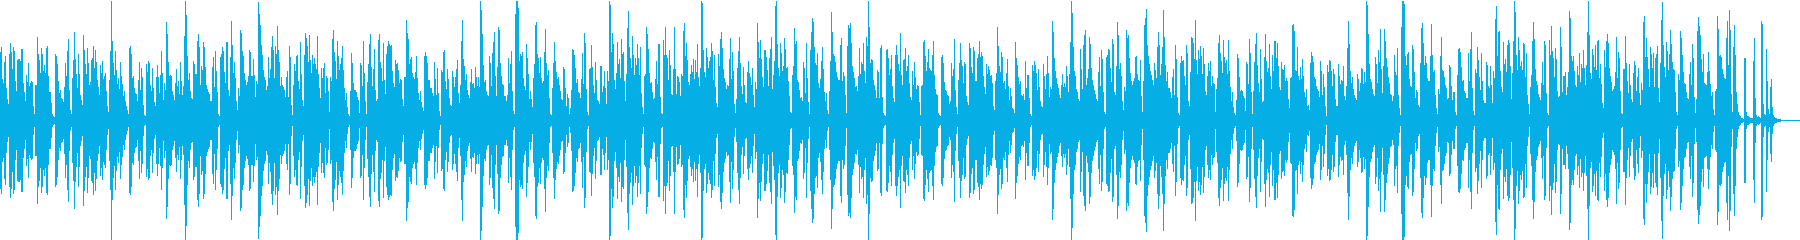 落ち着いた軽快なジャズBGMの再生済みの波形